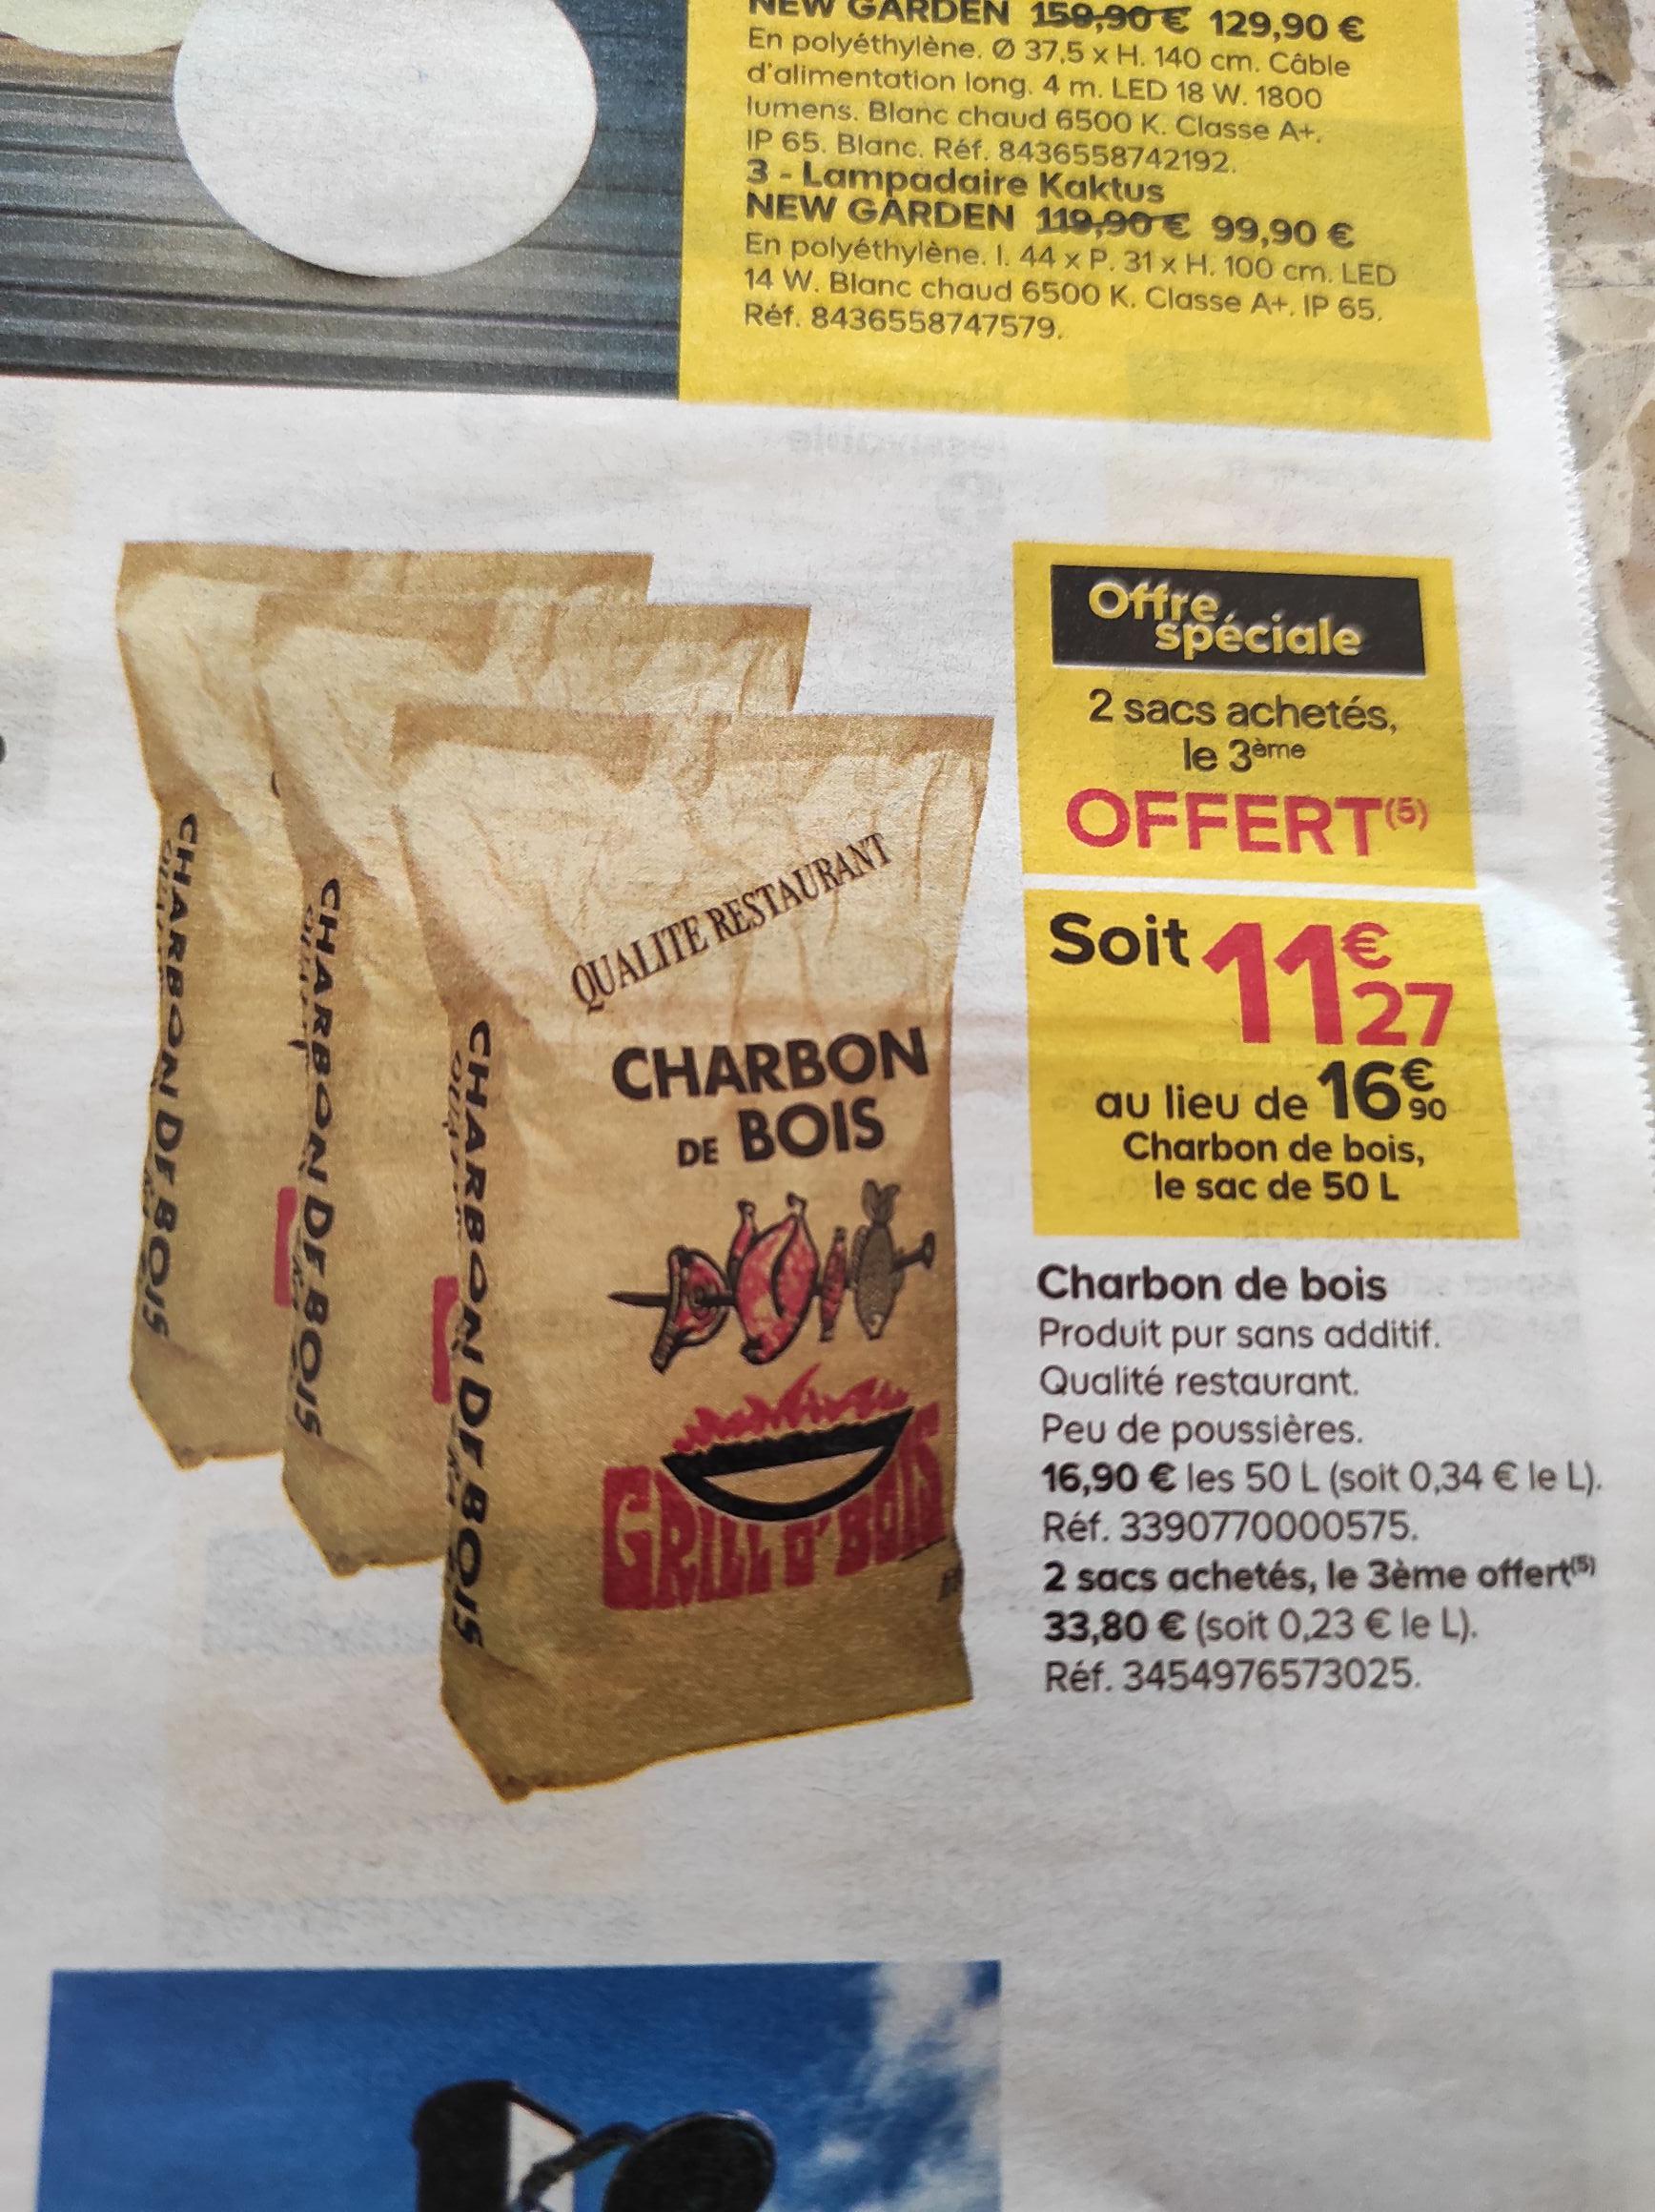 3 Sacs de Charbon de bois Grill O'Bois - 50L